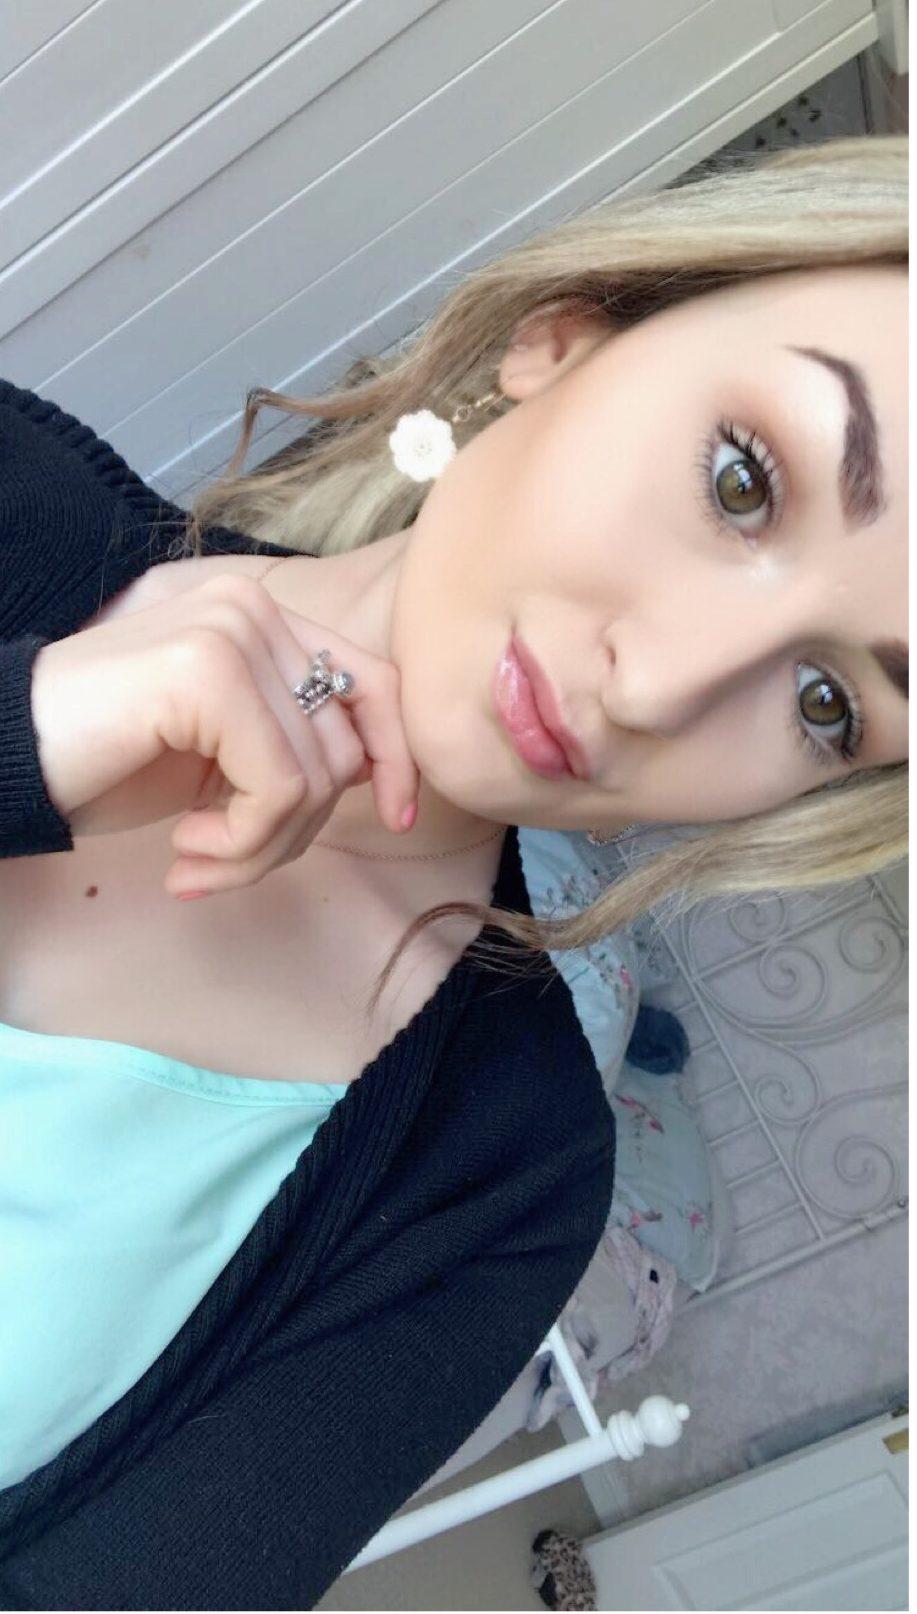 Chloe Burford